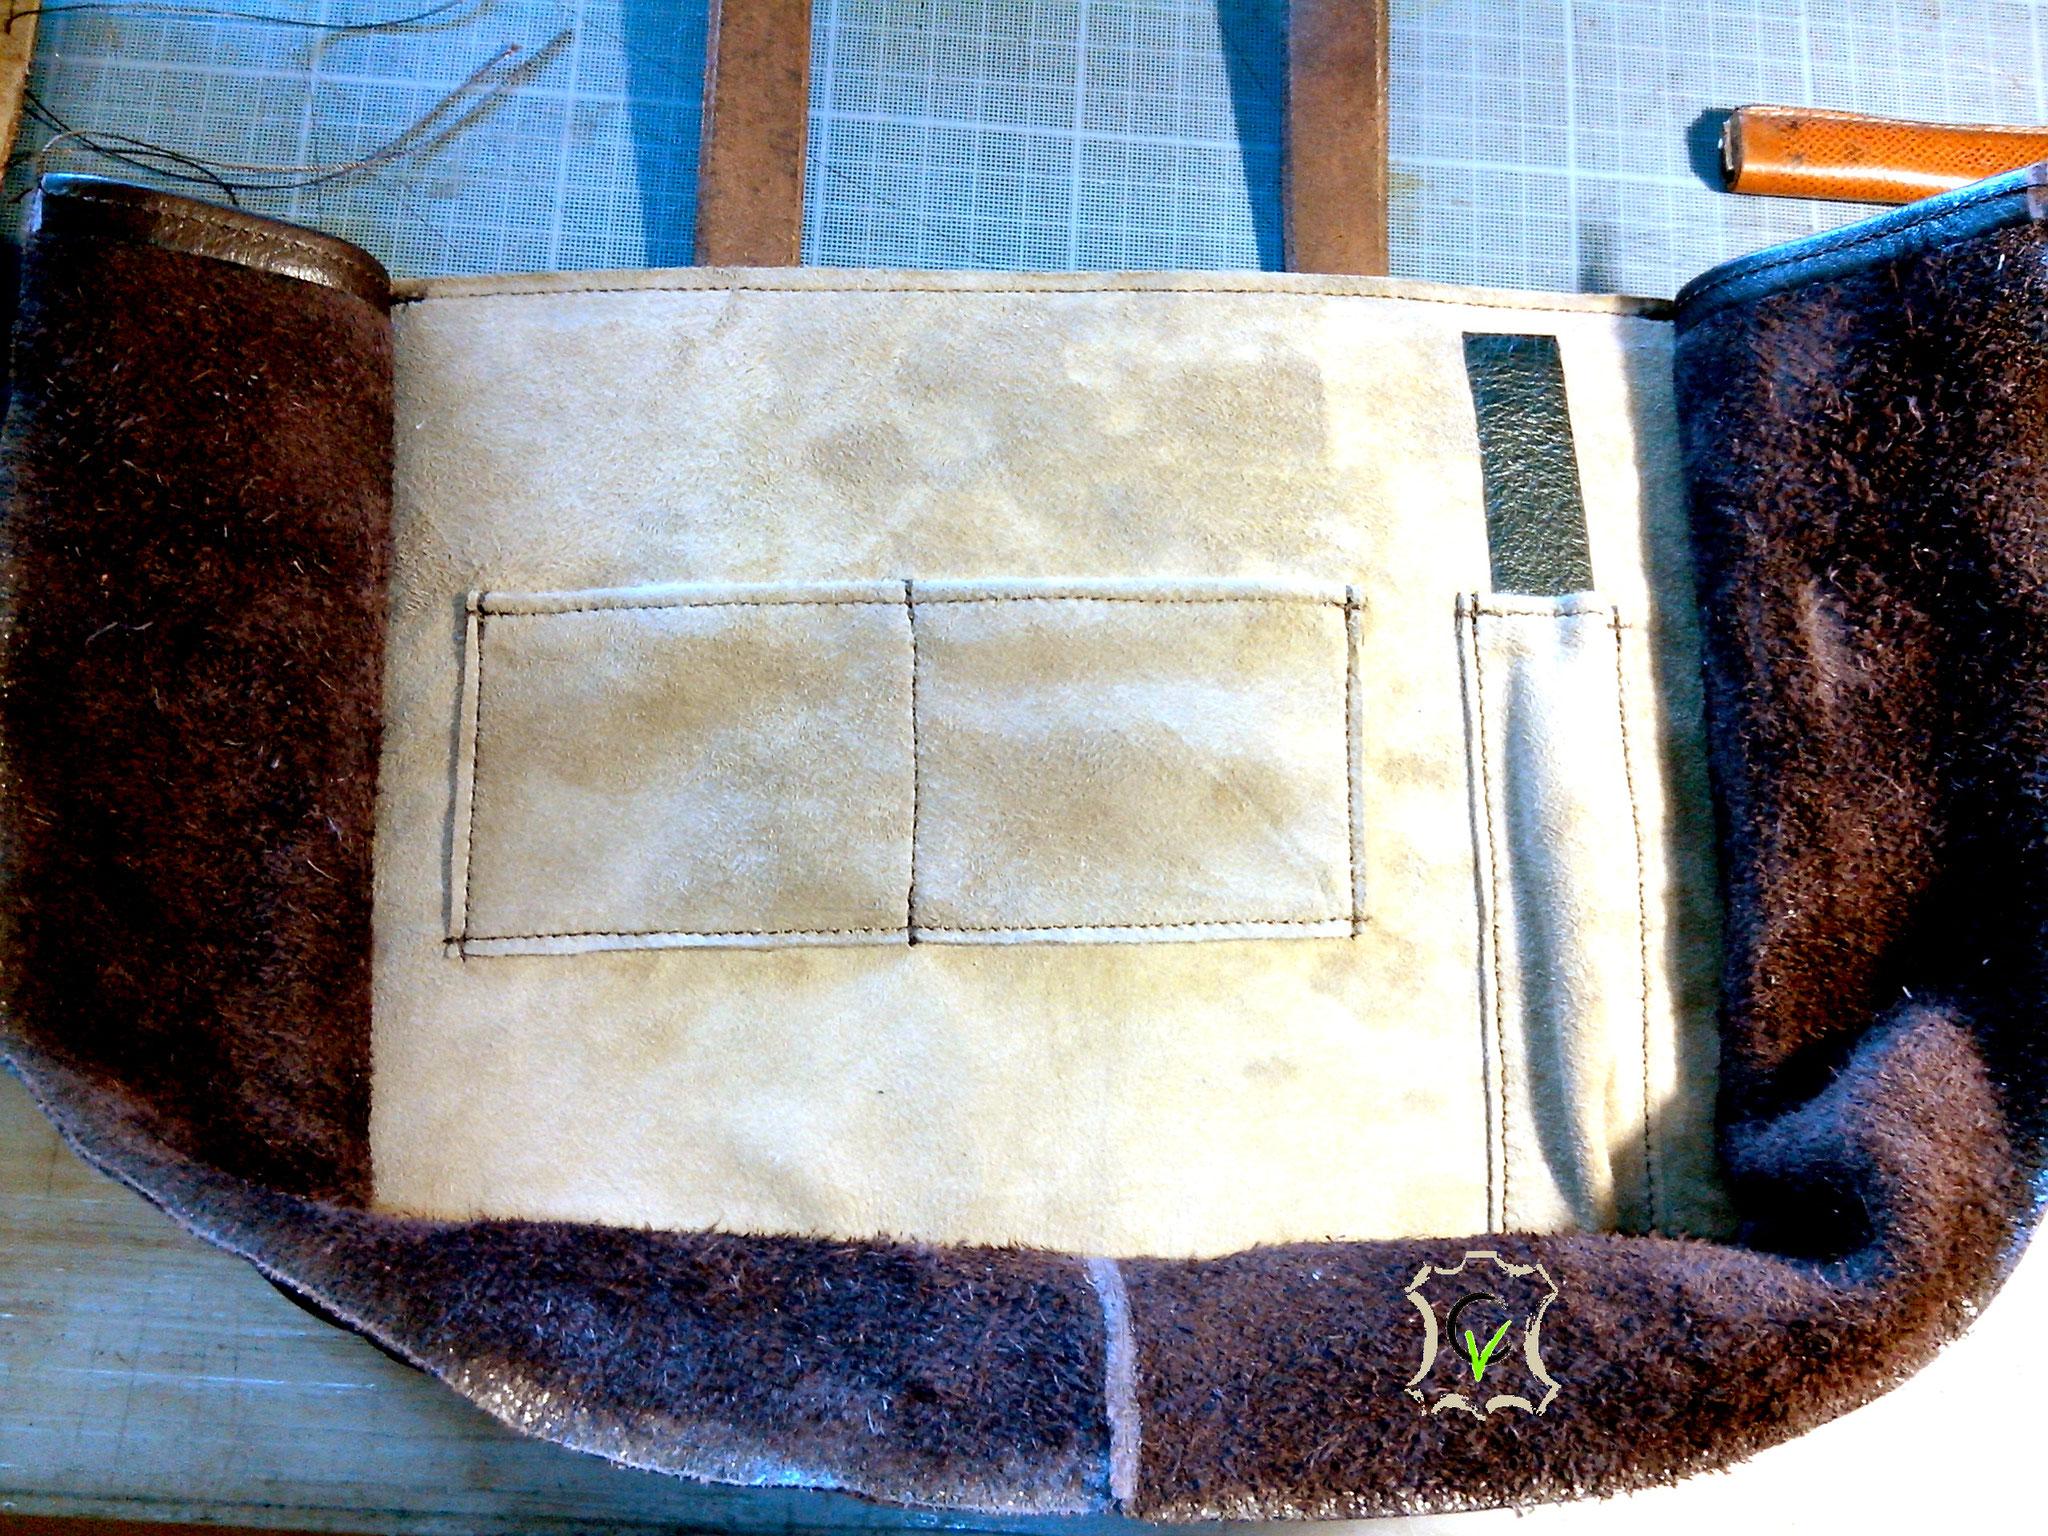 sac à main en cuir tannage végétal teinté brun avec motif par martelage doublure en mouton velours beige en cours de montage